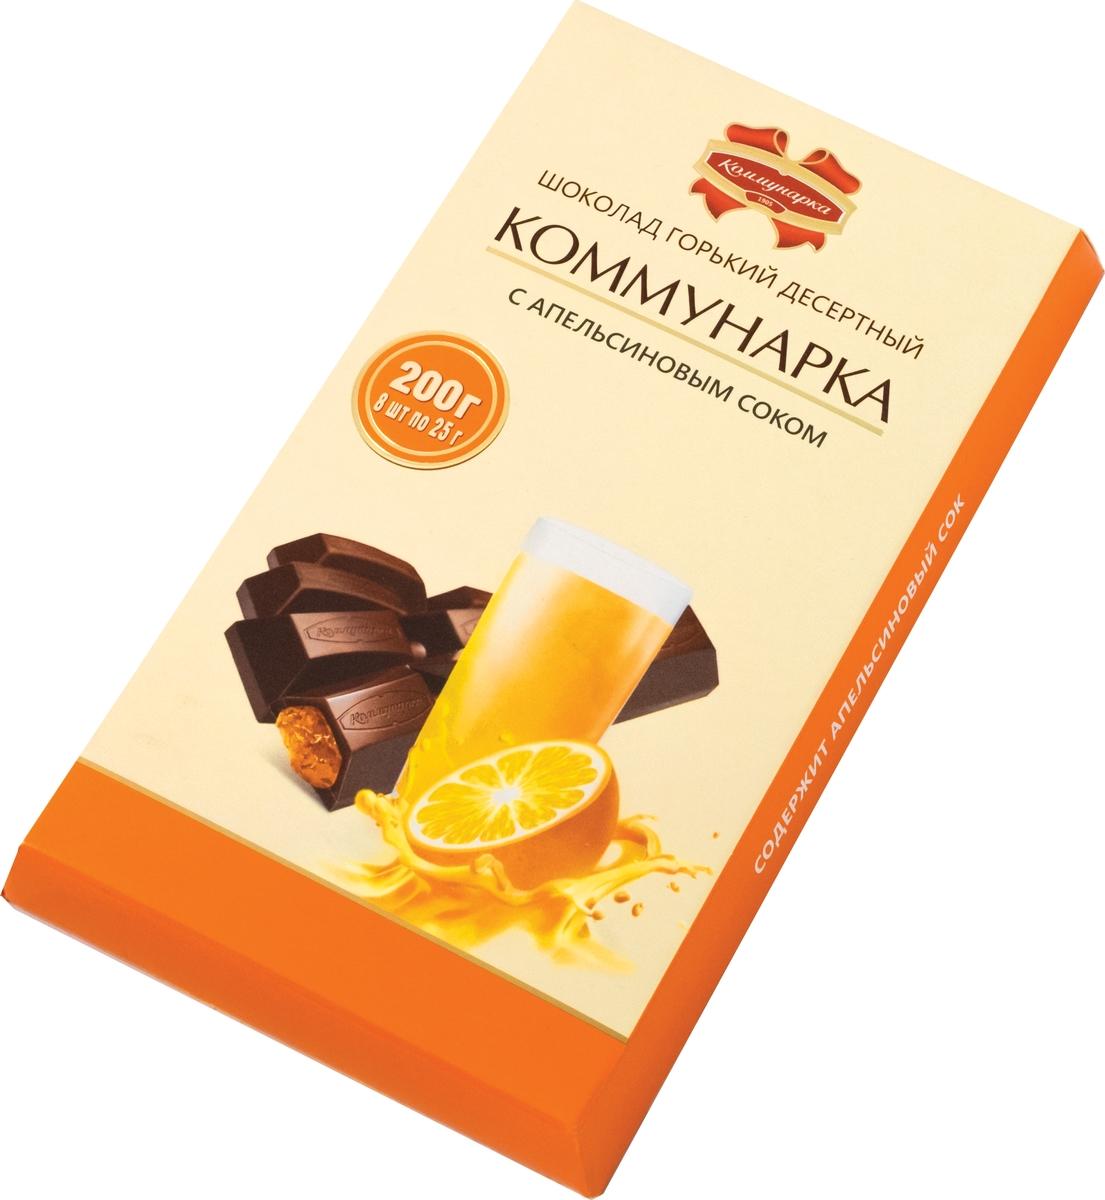 Коммунарка шоколад горький с апельсиновым соком, 200 г цена 2017